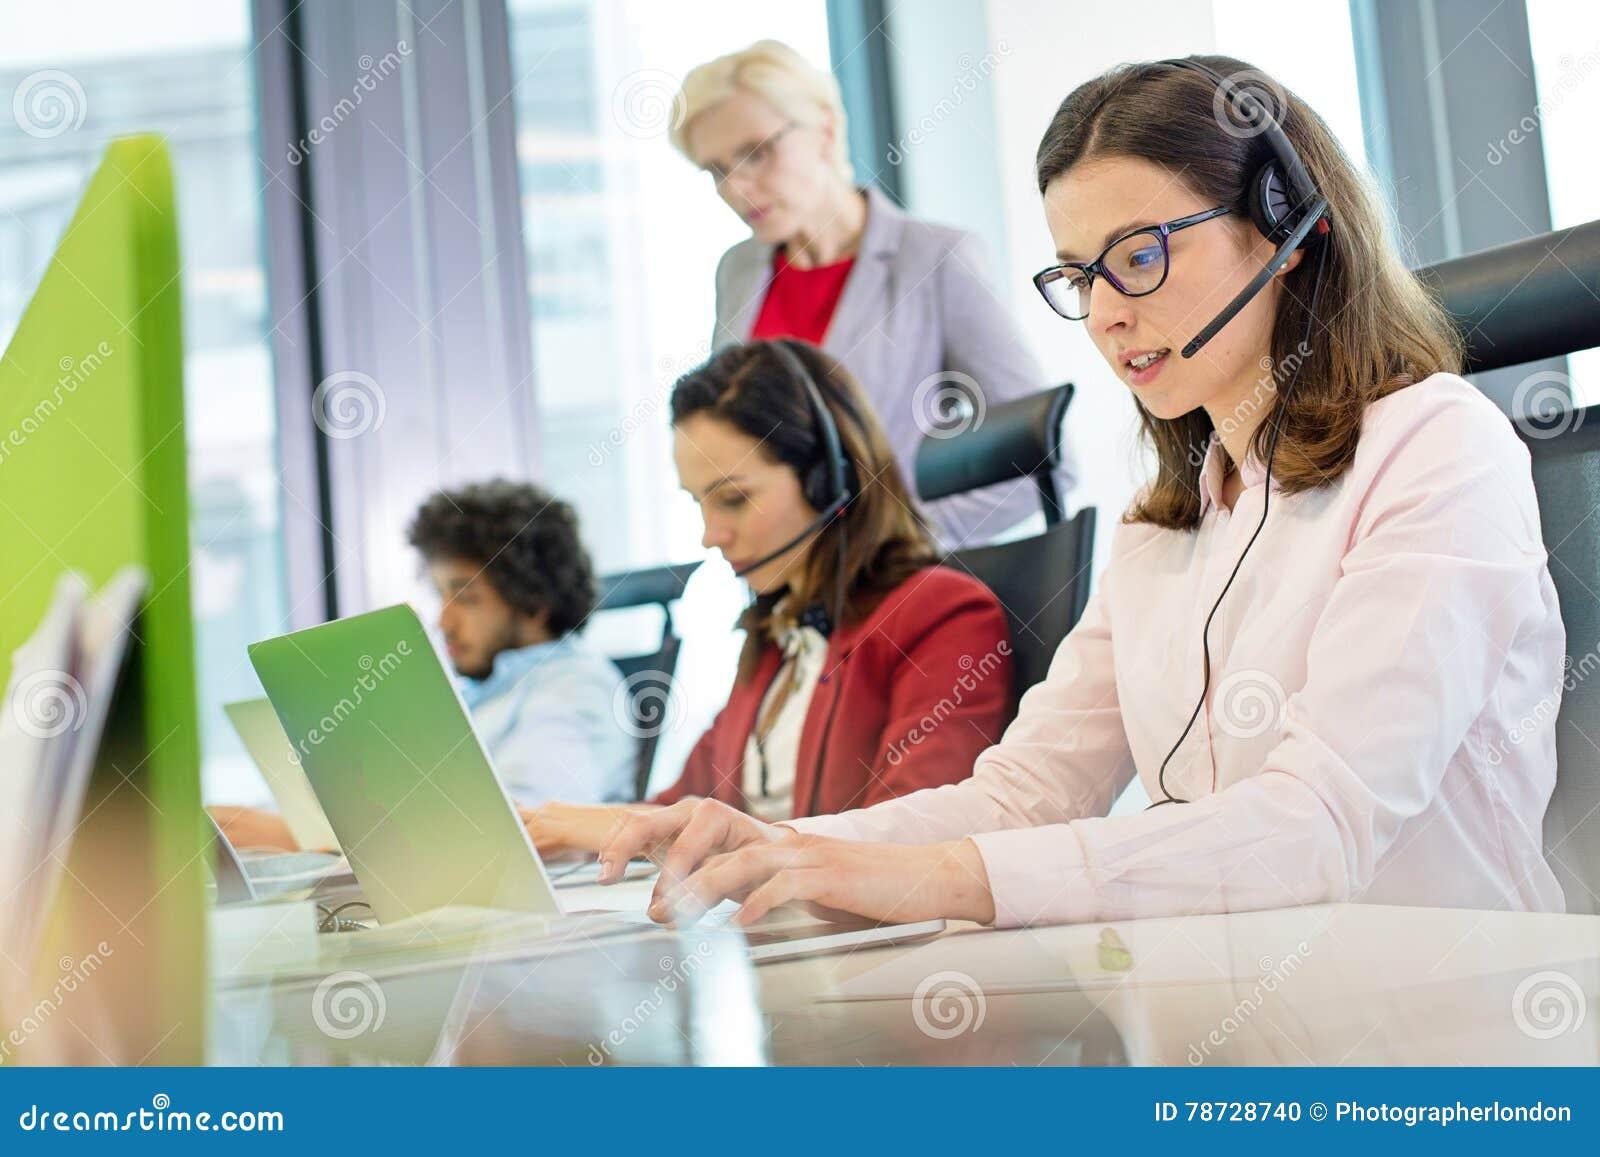 Kvinnlig kundtjänstrepresentant som använder bärbara datorn medan kollegor i bakgrund på kontoret